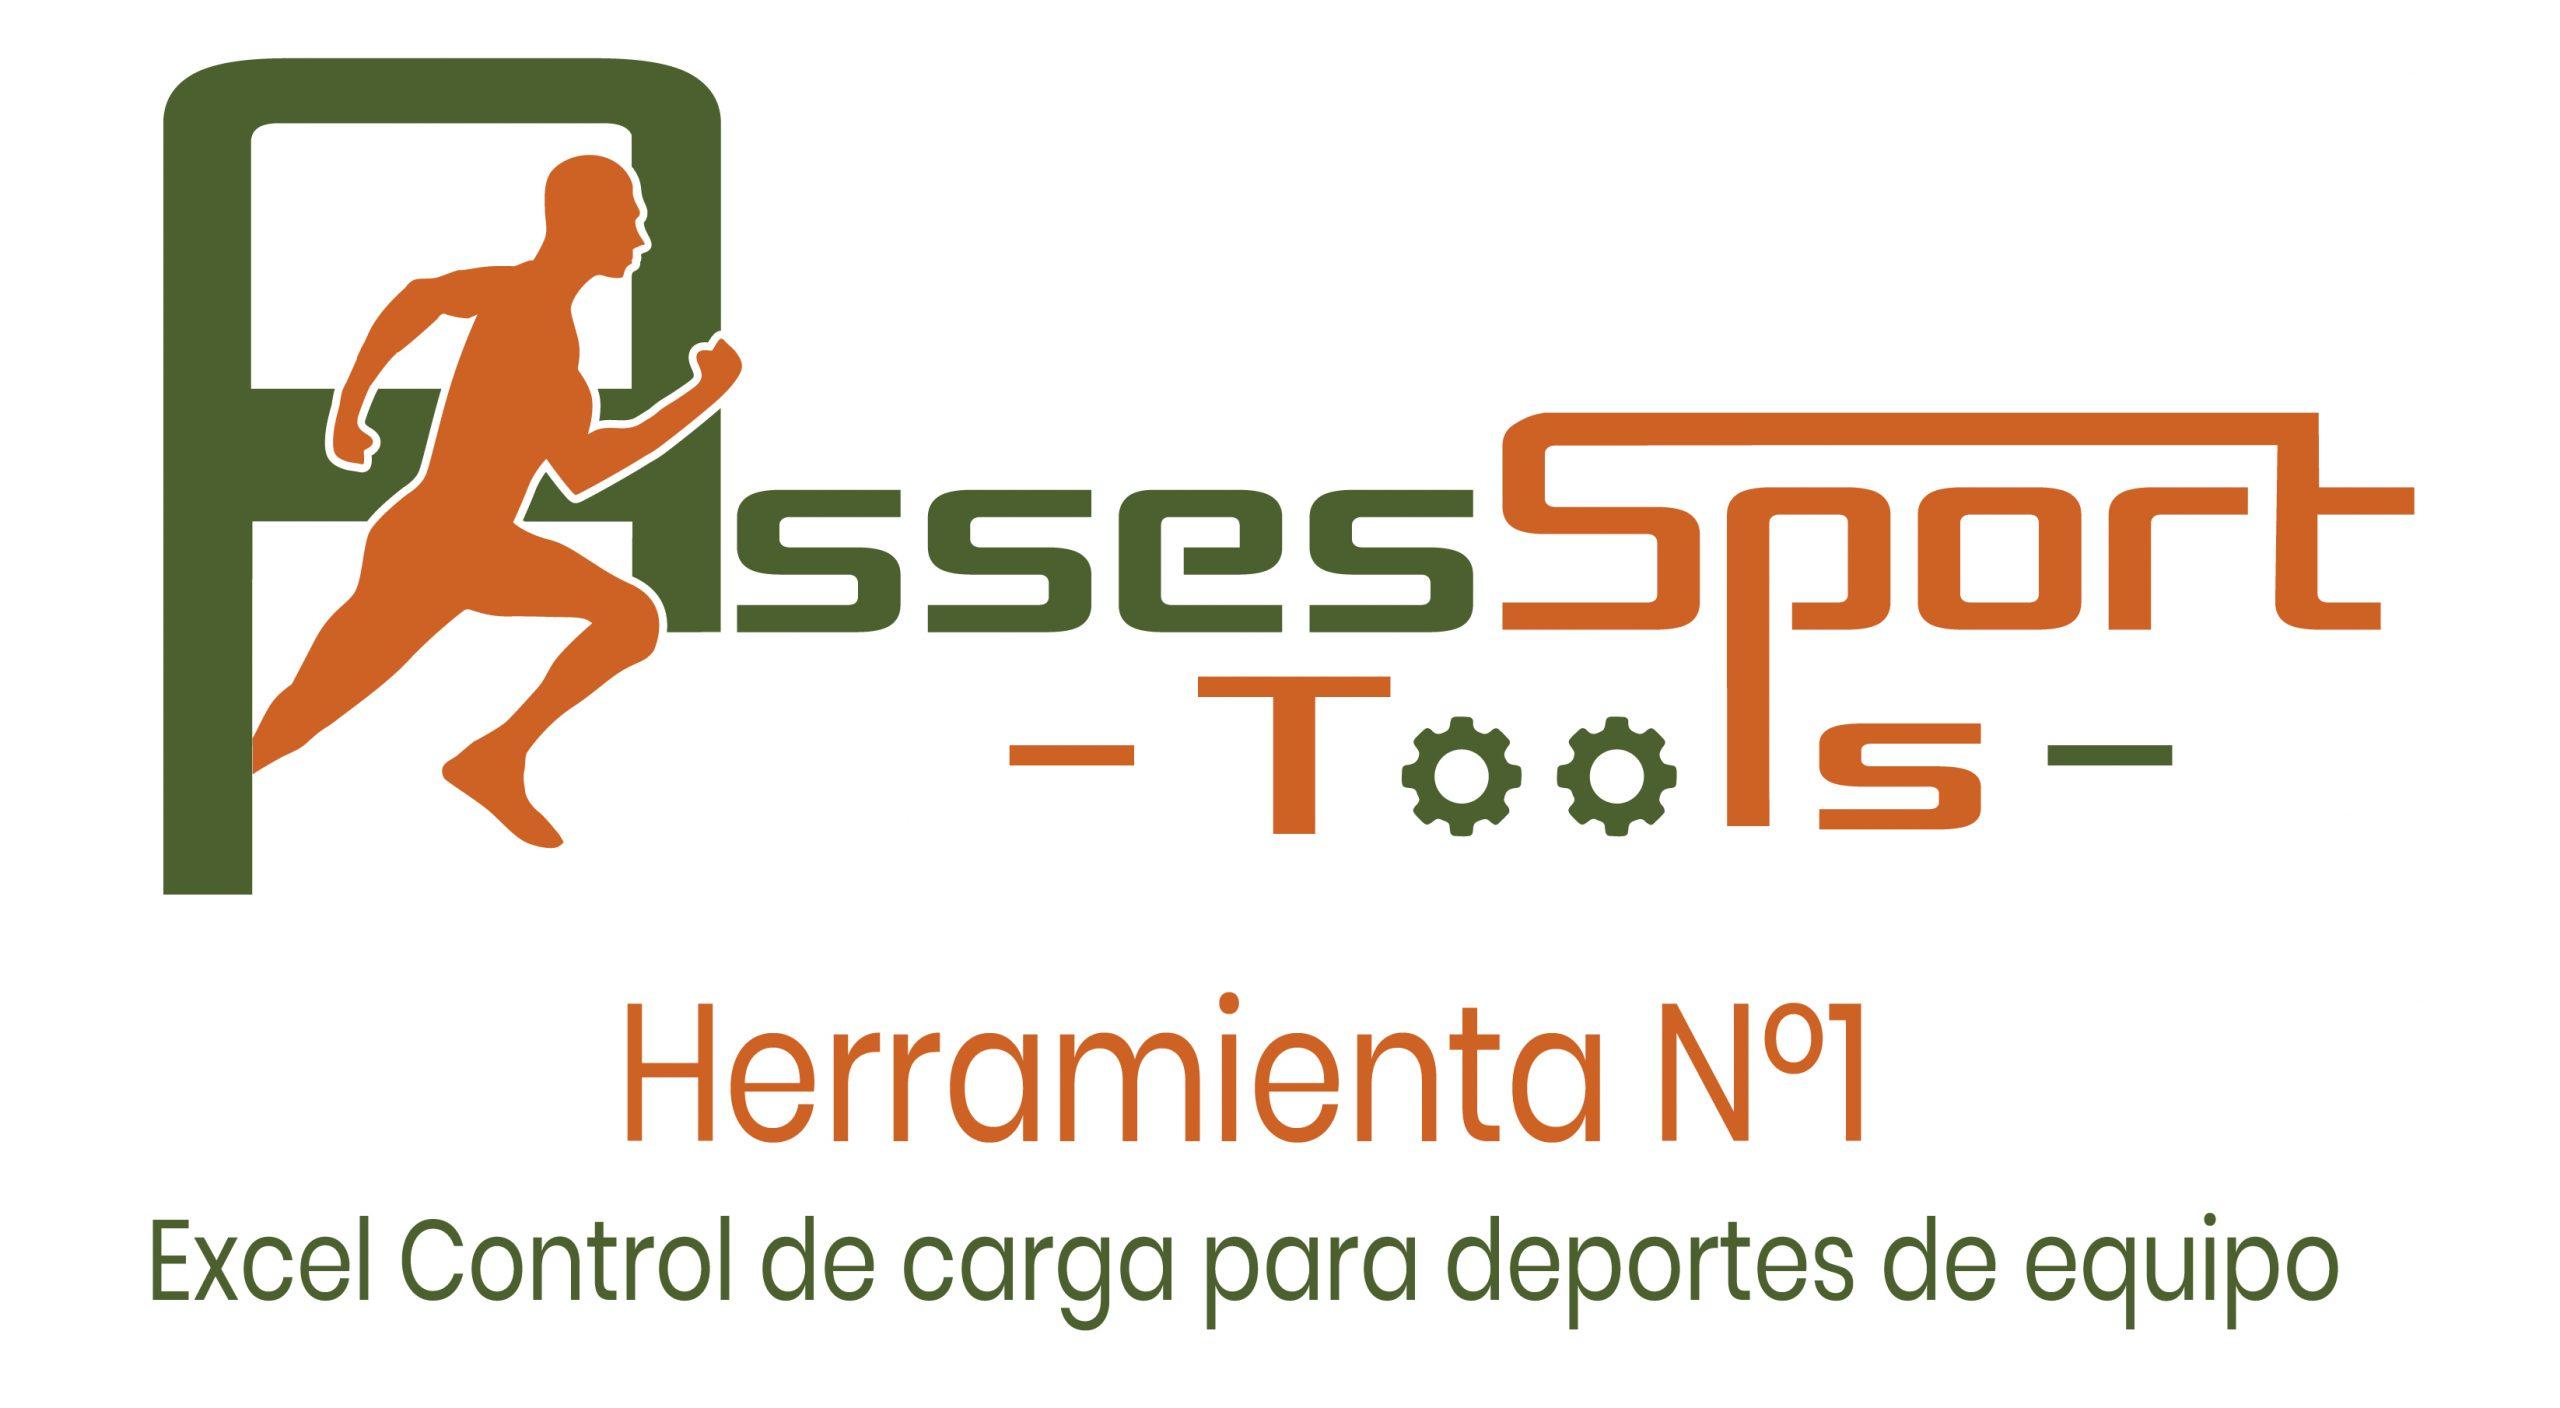 Excel Control de carga para deportes de equipo | Herramienta Nº1 – Assessport Tools